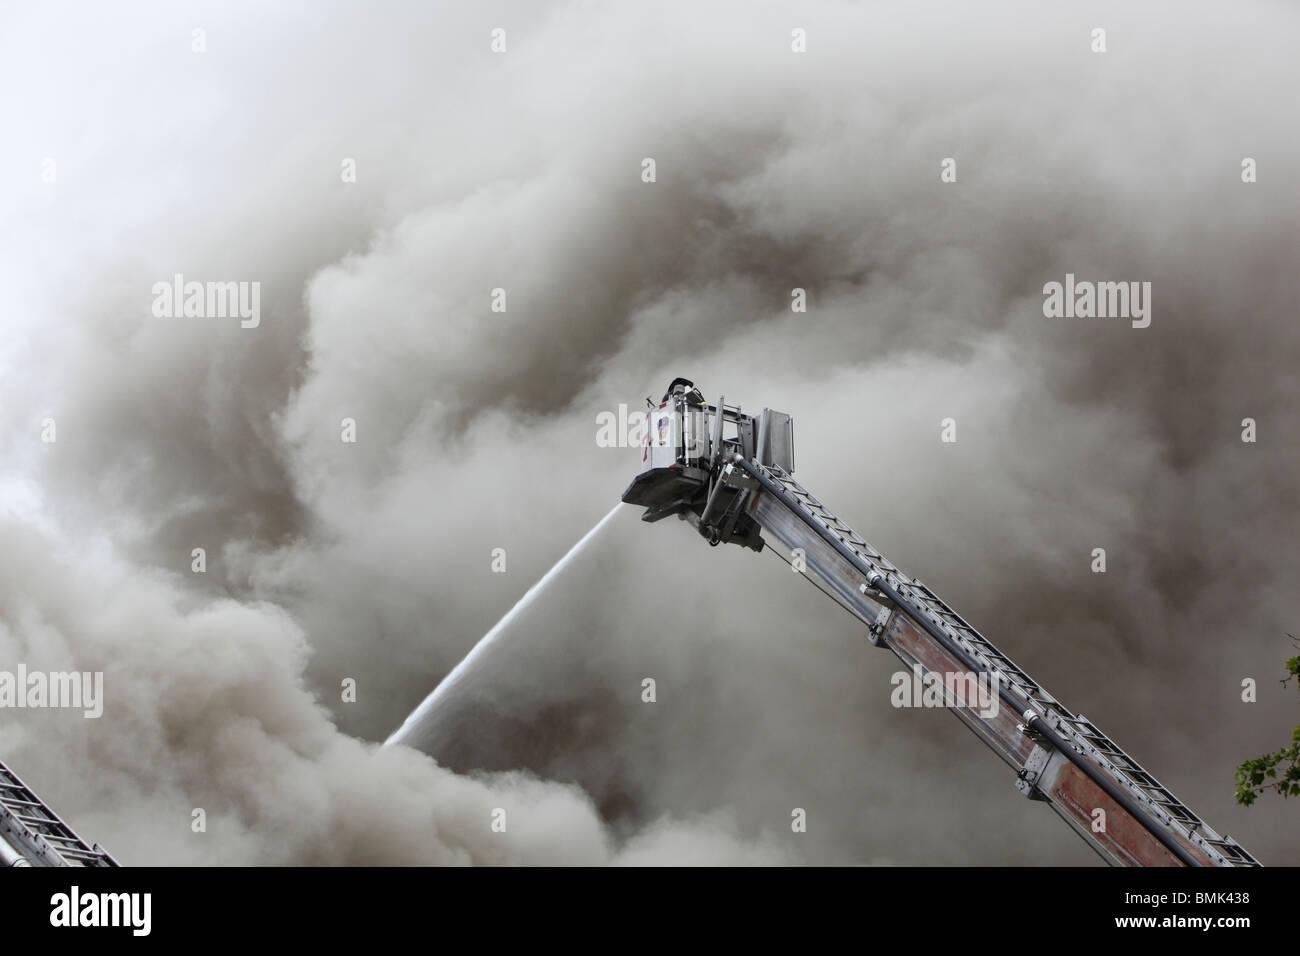 firefighter battling a smoky blaze Stock Photo